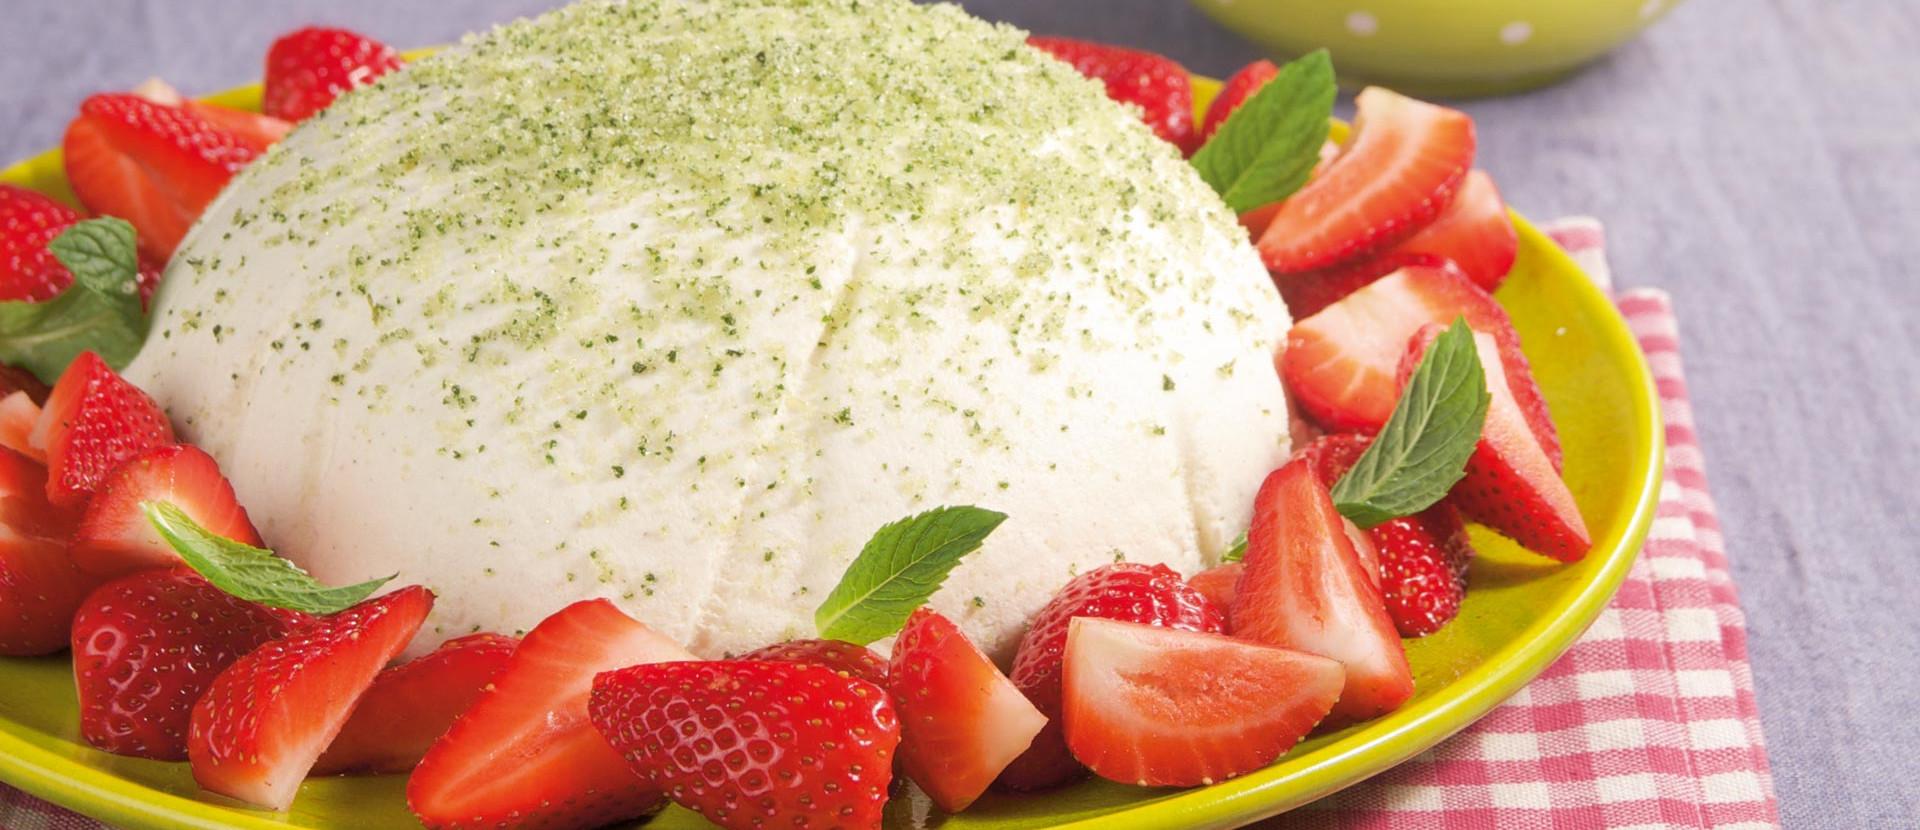 Joghurtdessert mit Erdbeeren und Minze-Zucker